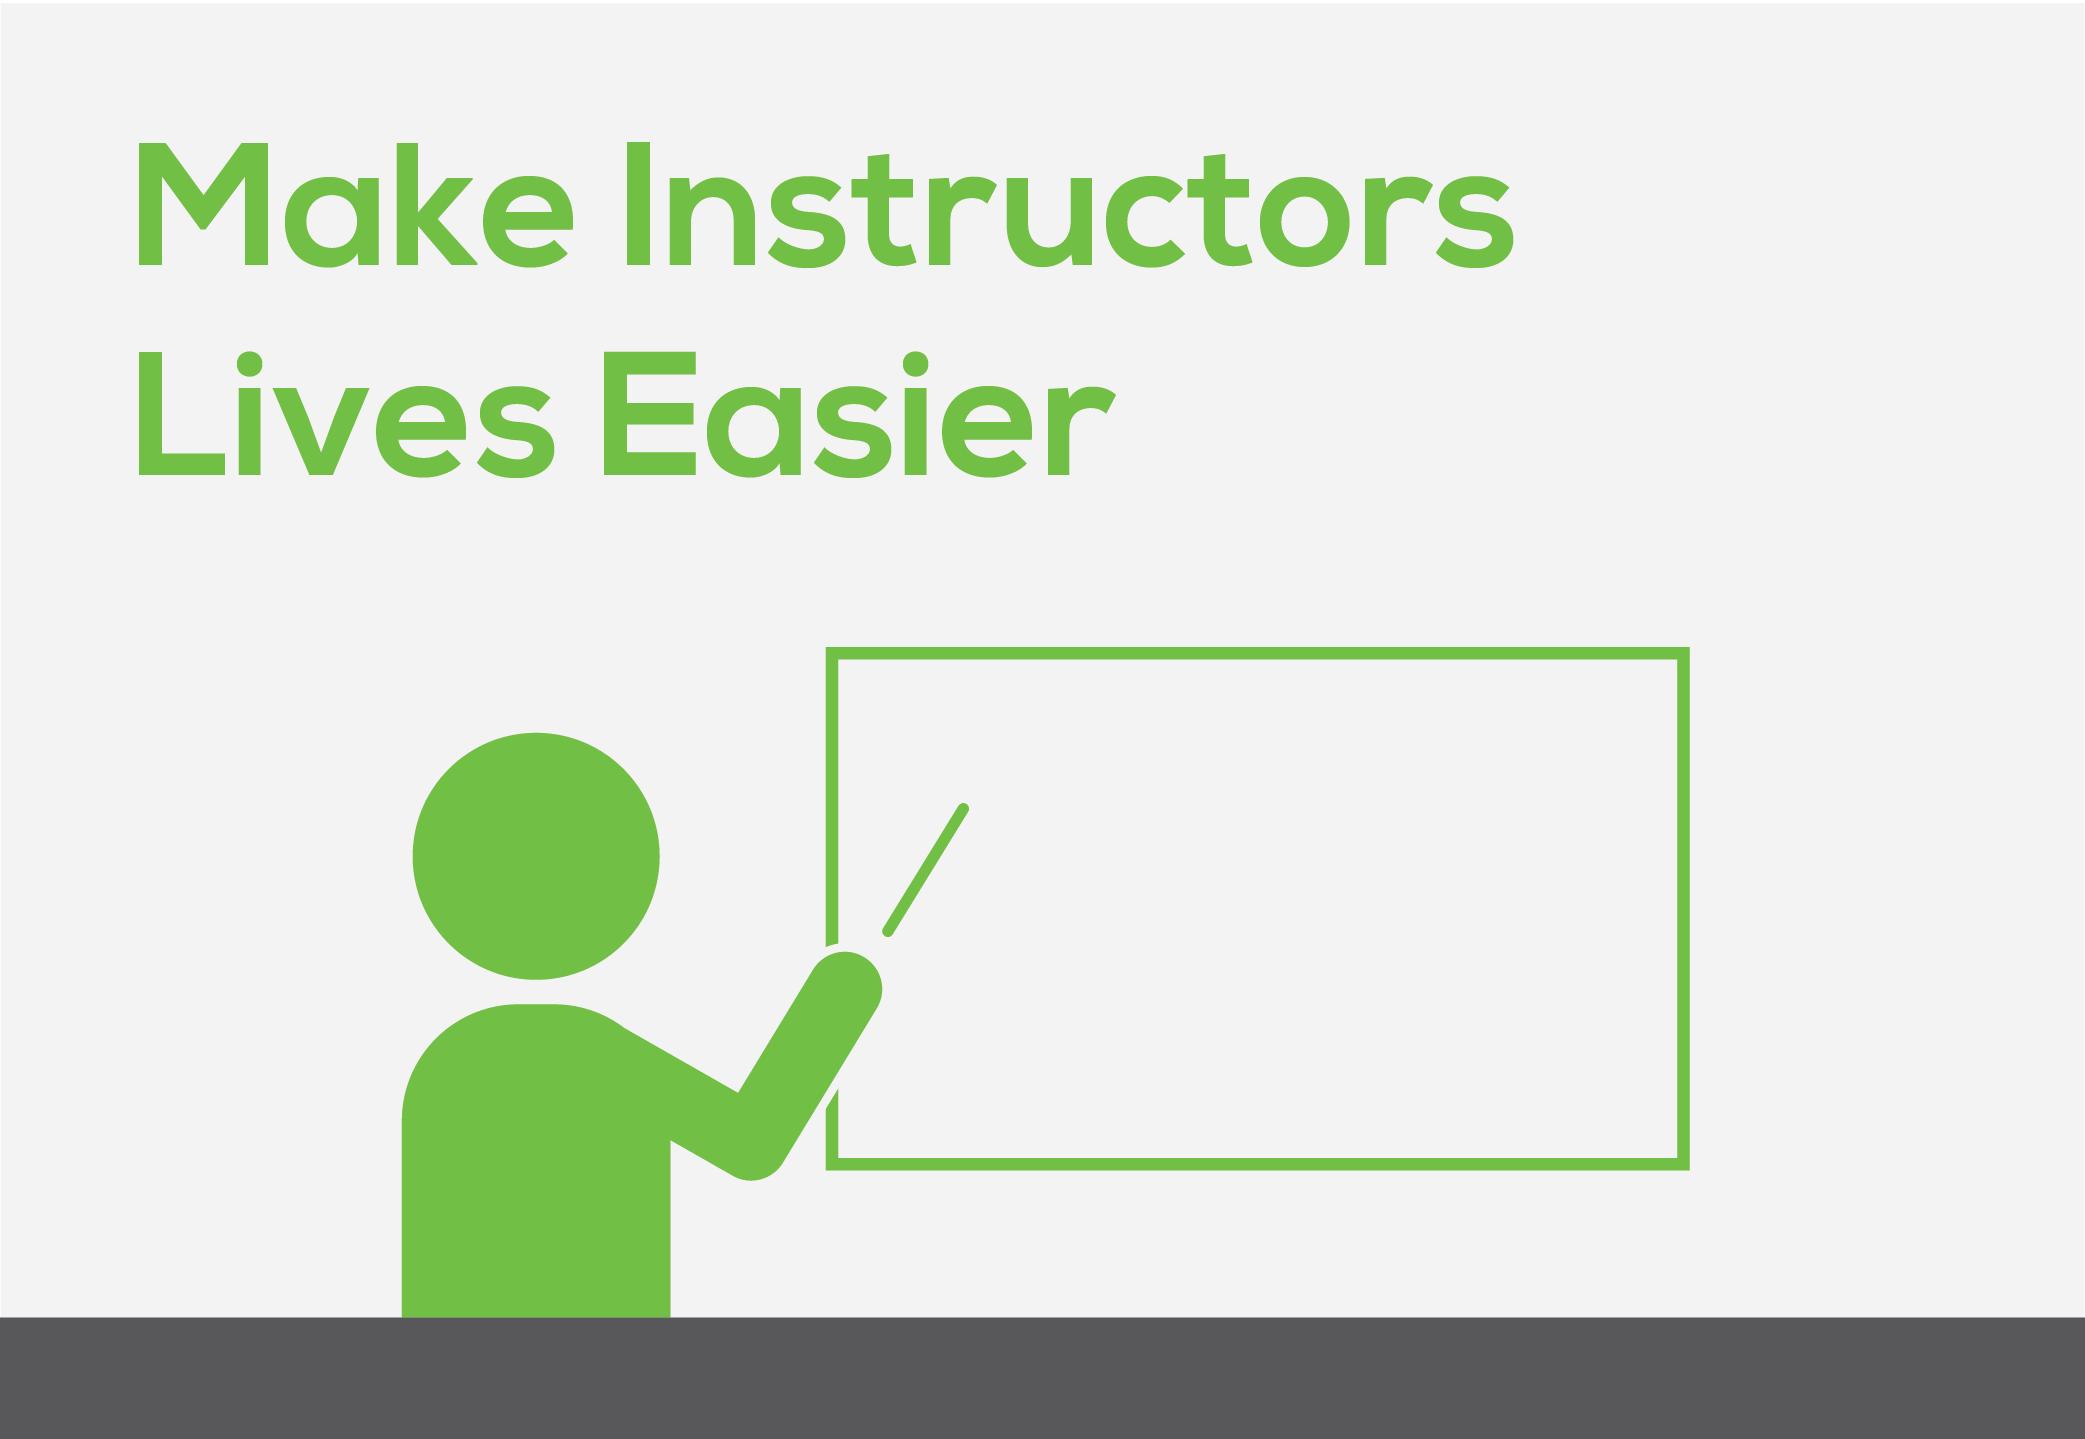 Make instructors' lives easier